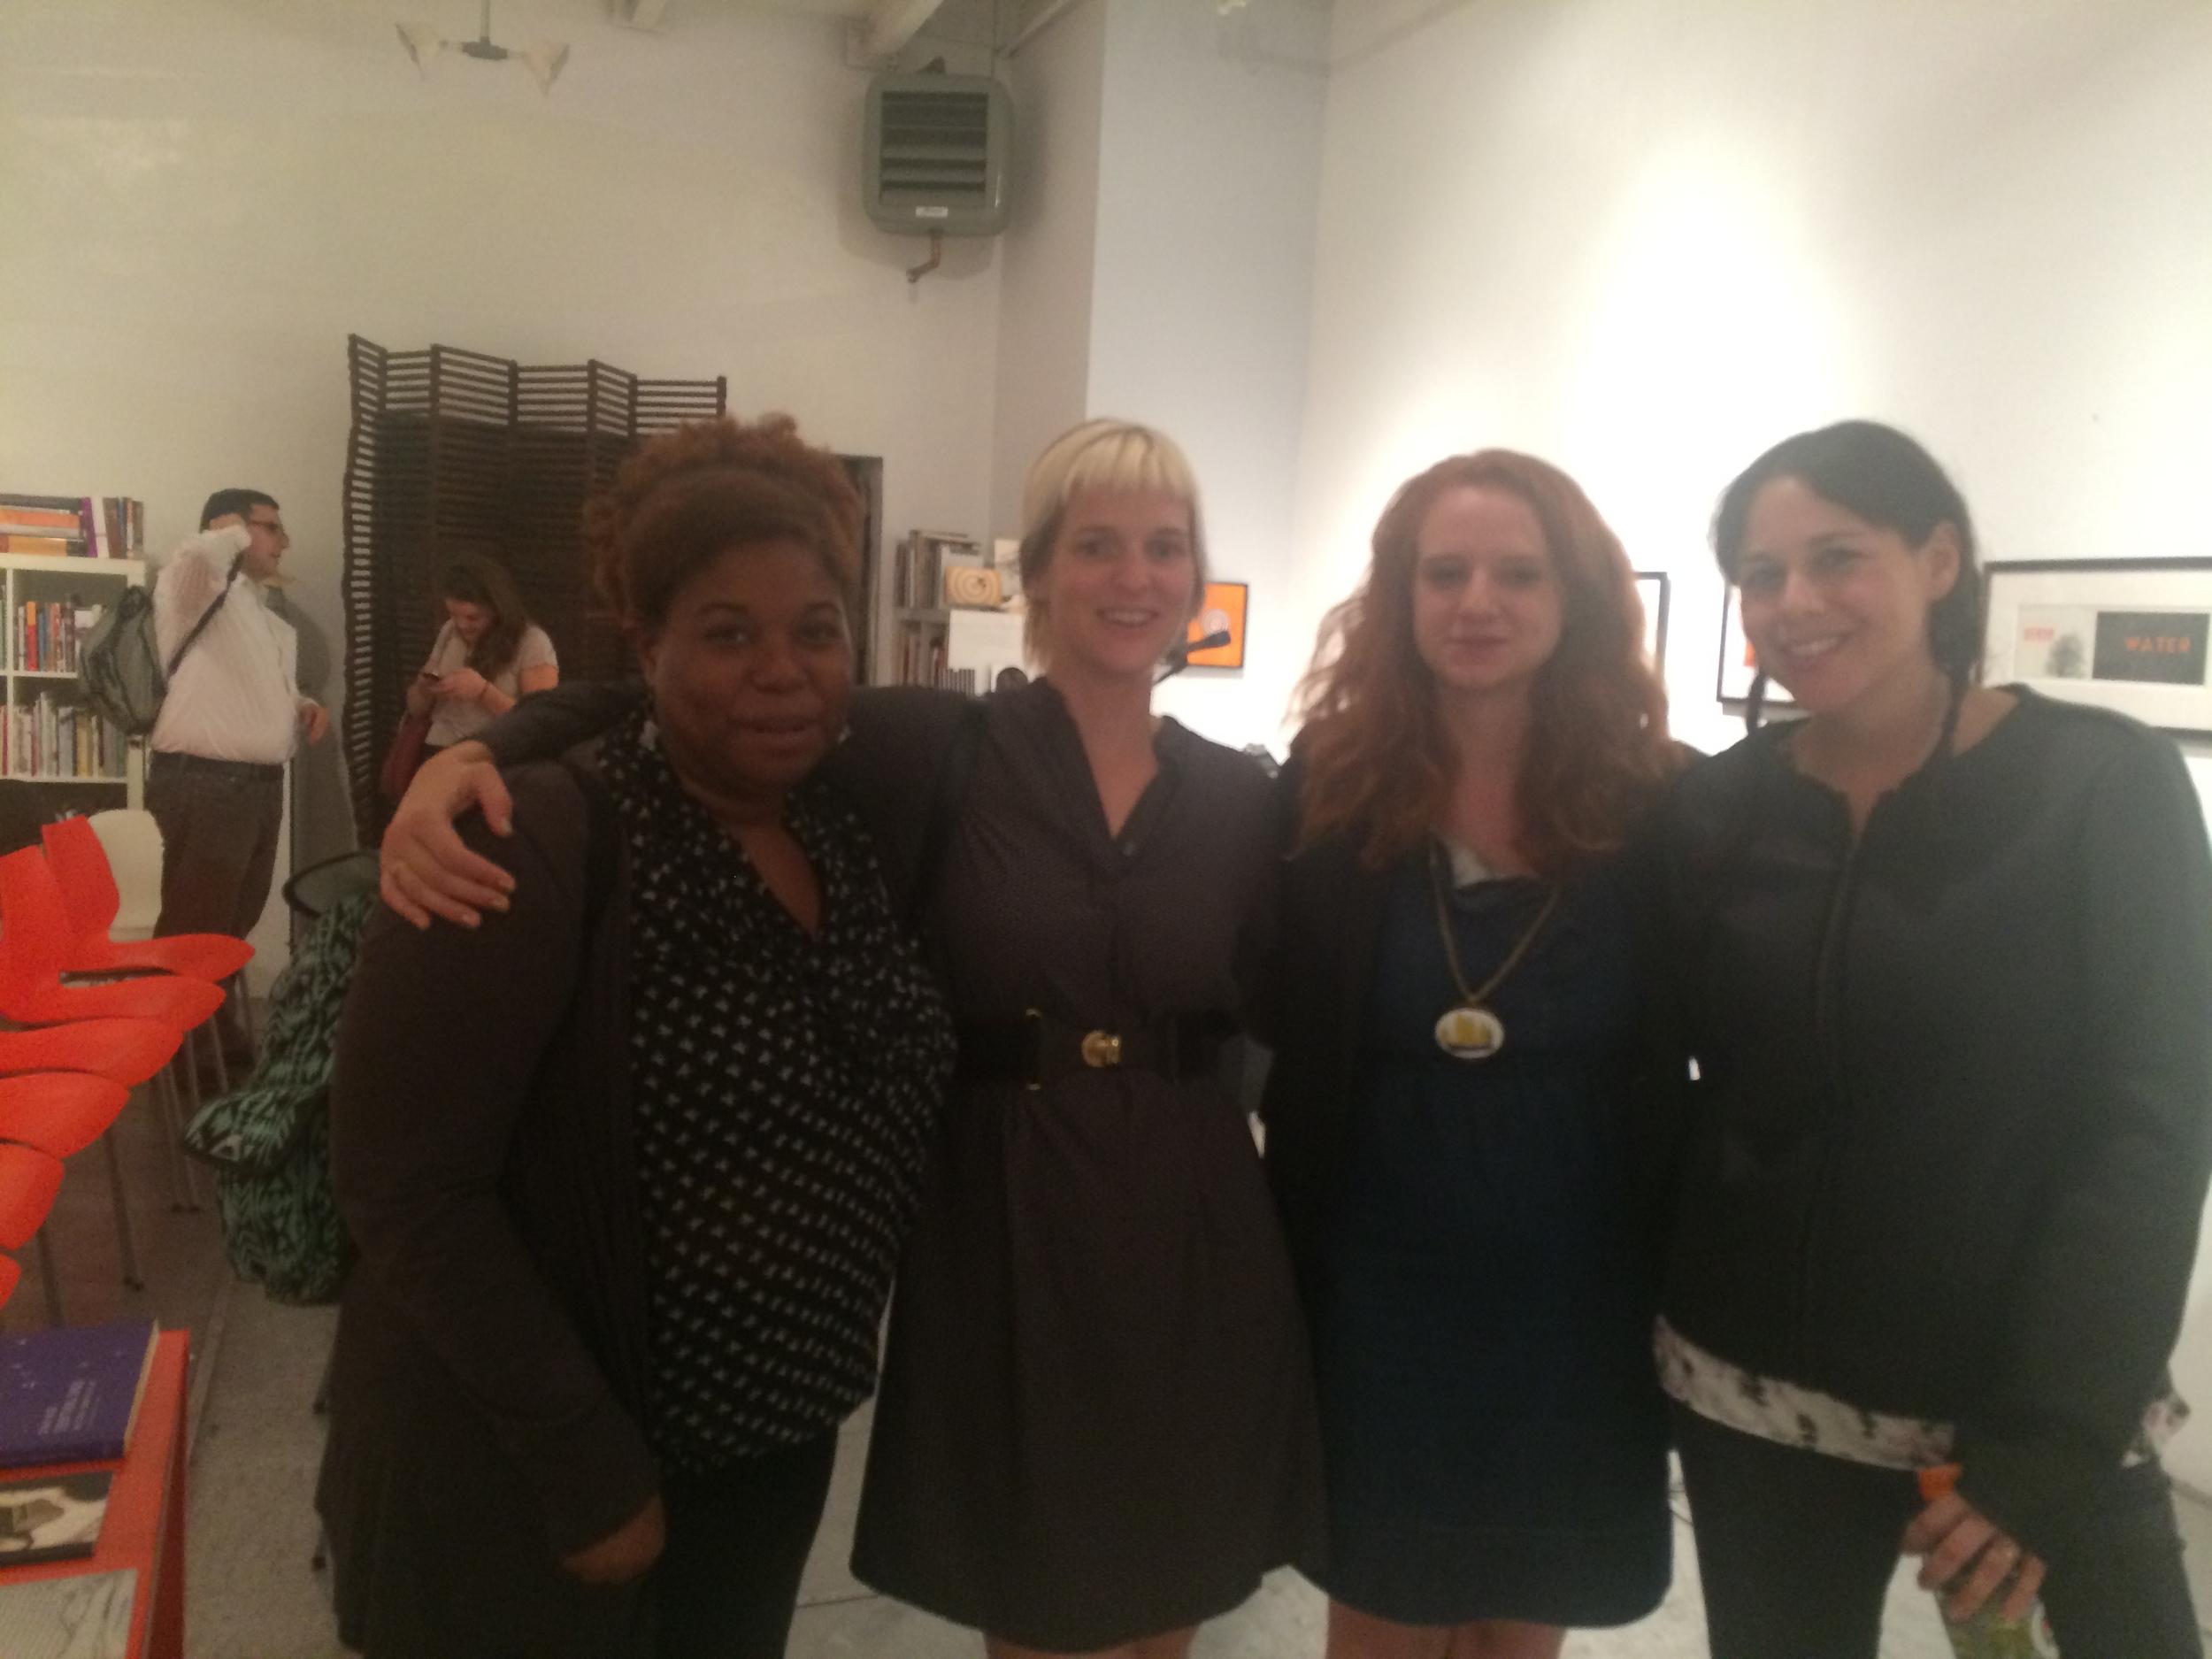 The readers pose alongside poet Lauren Hunter.